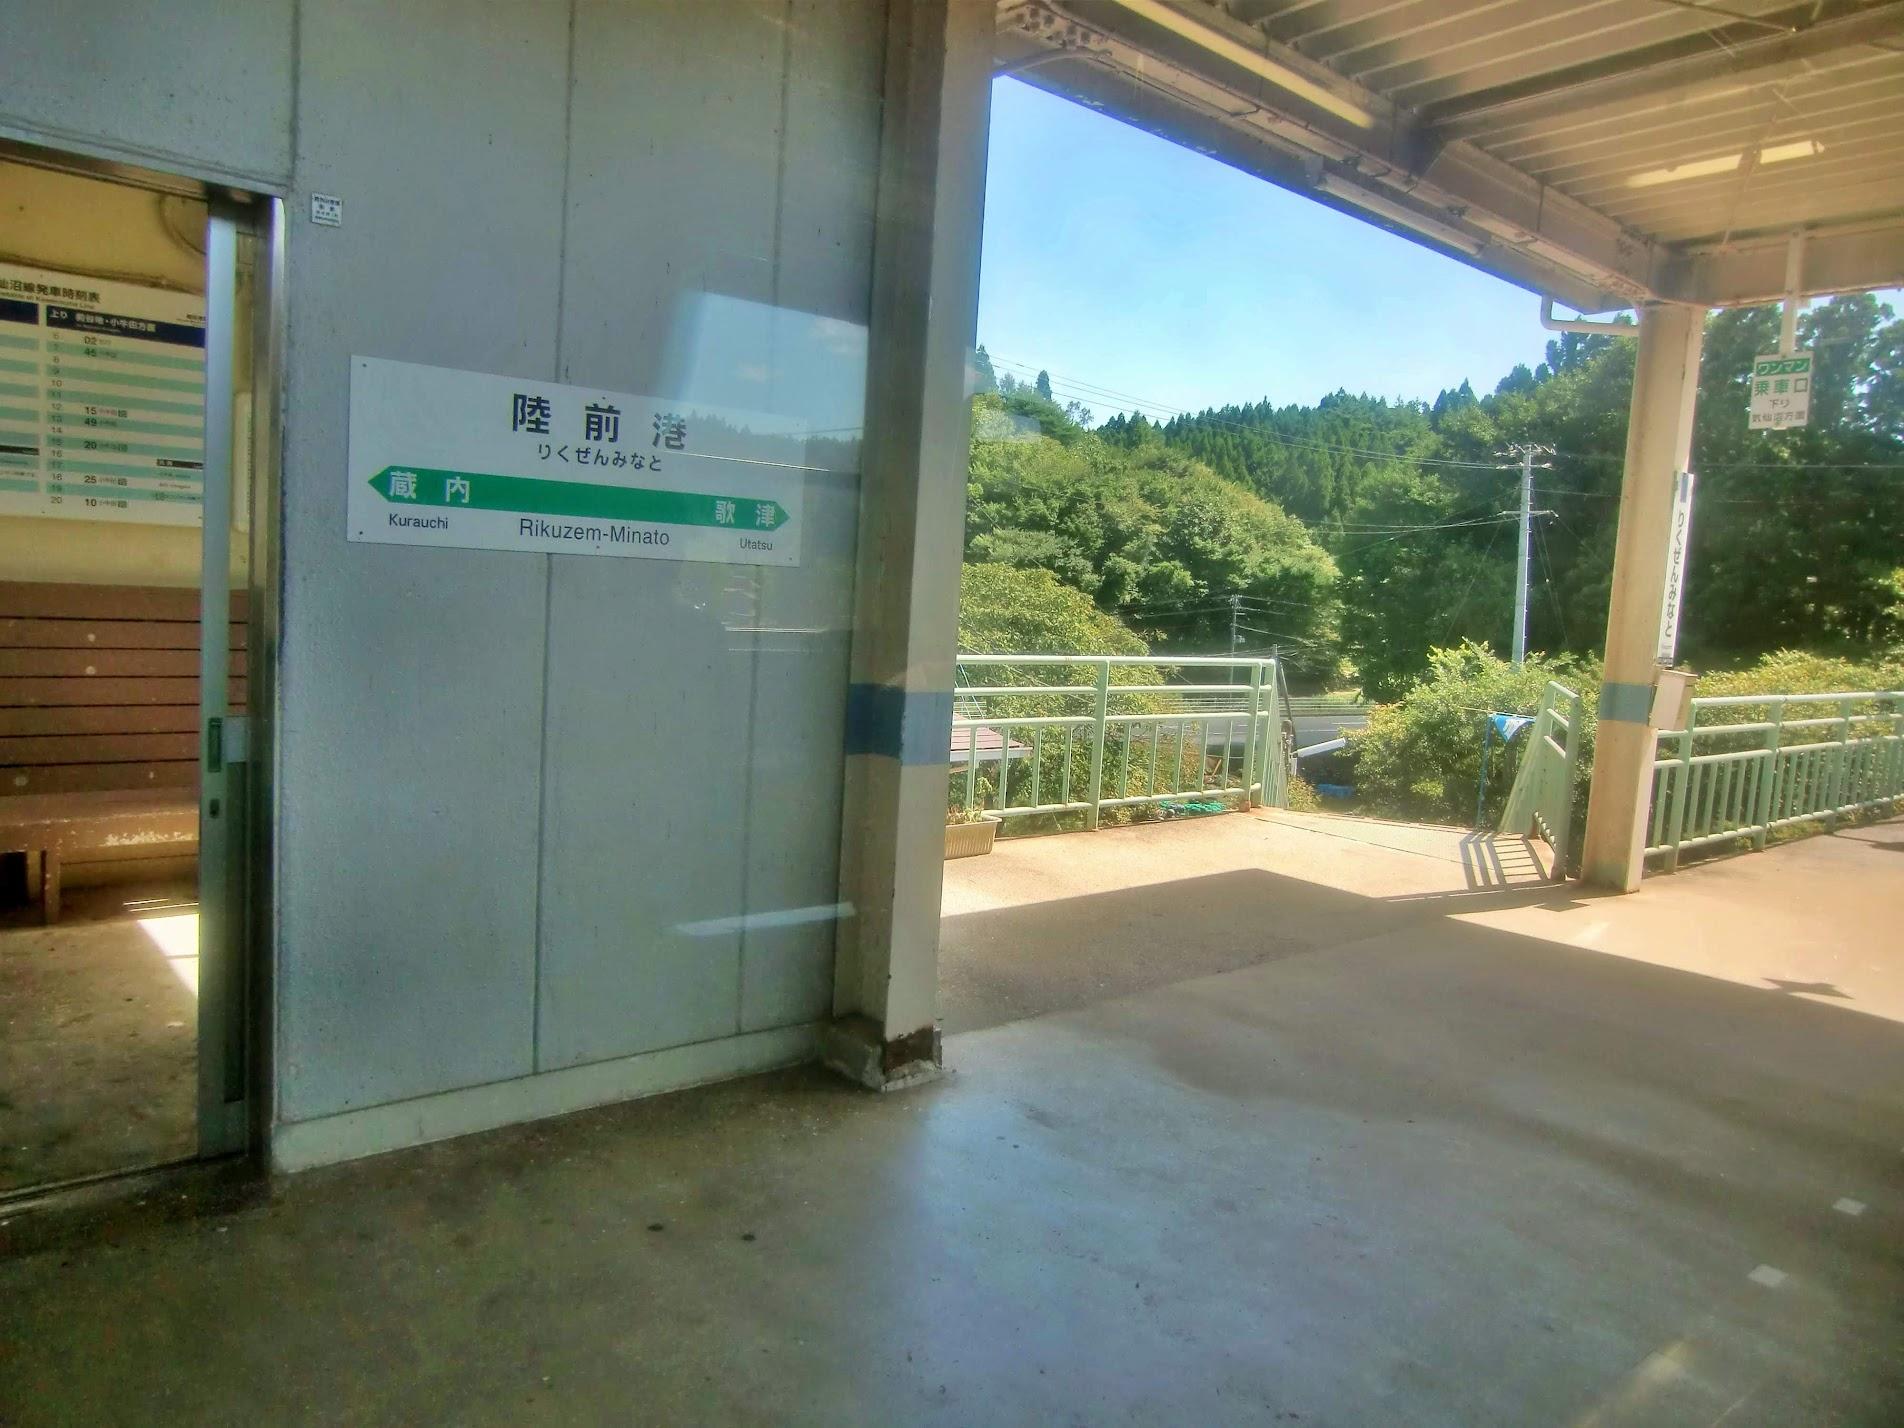 JR気仙沼線陸前港駅(2)